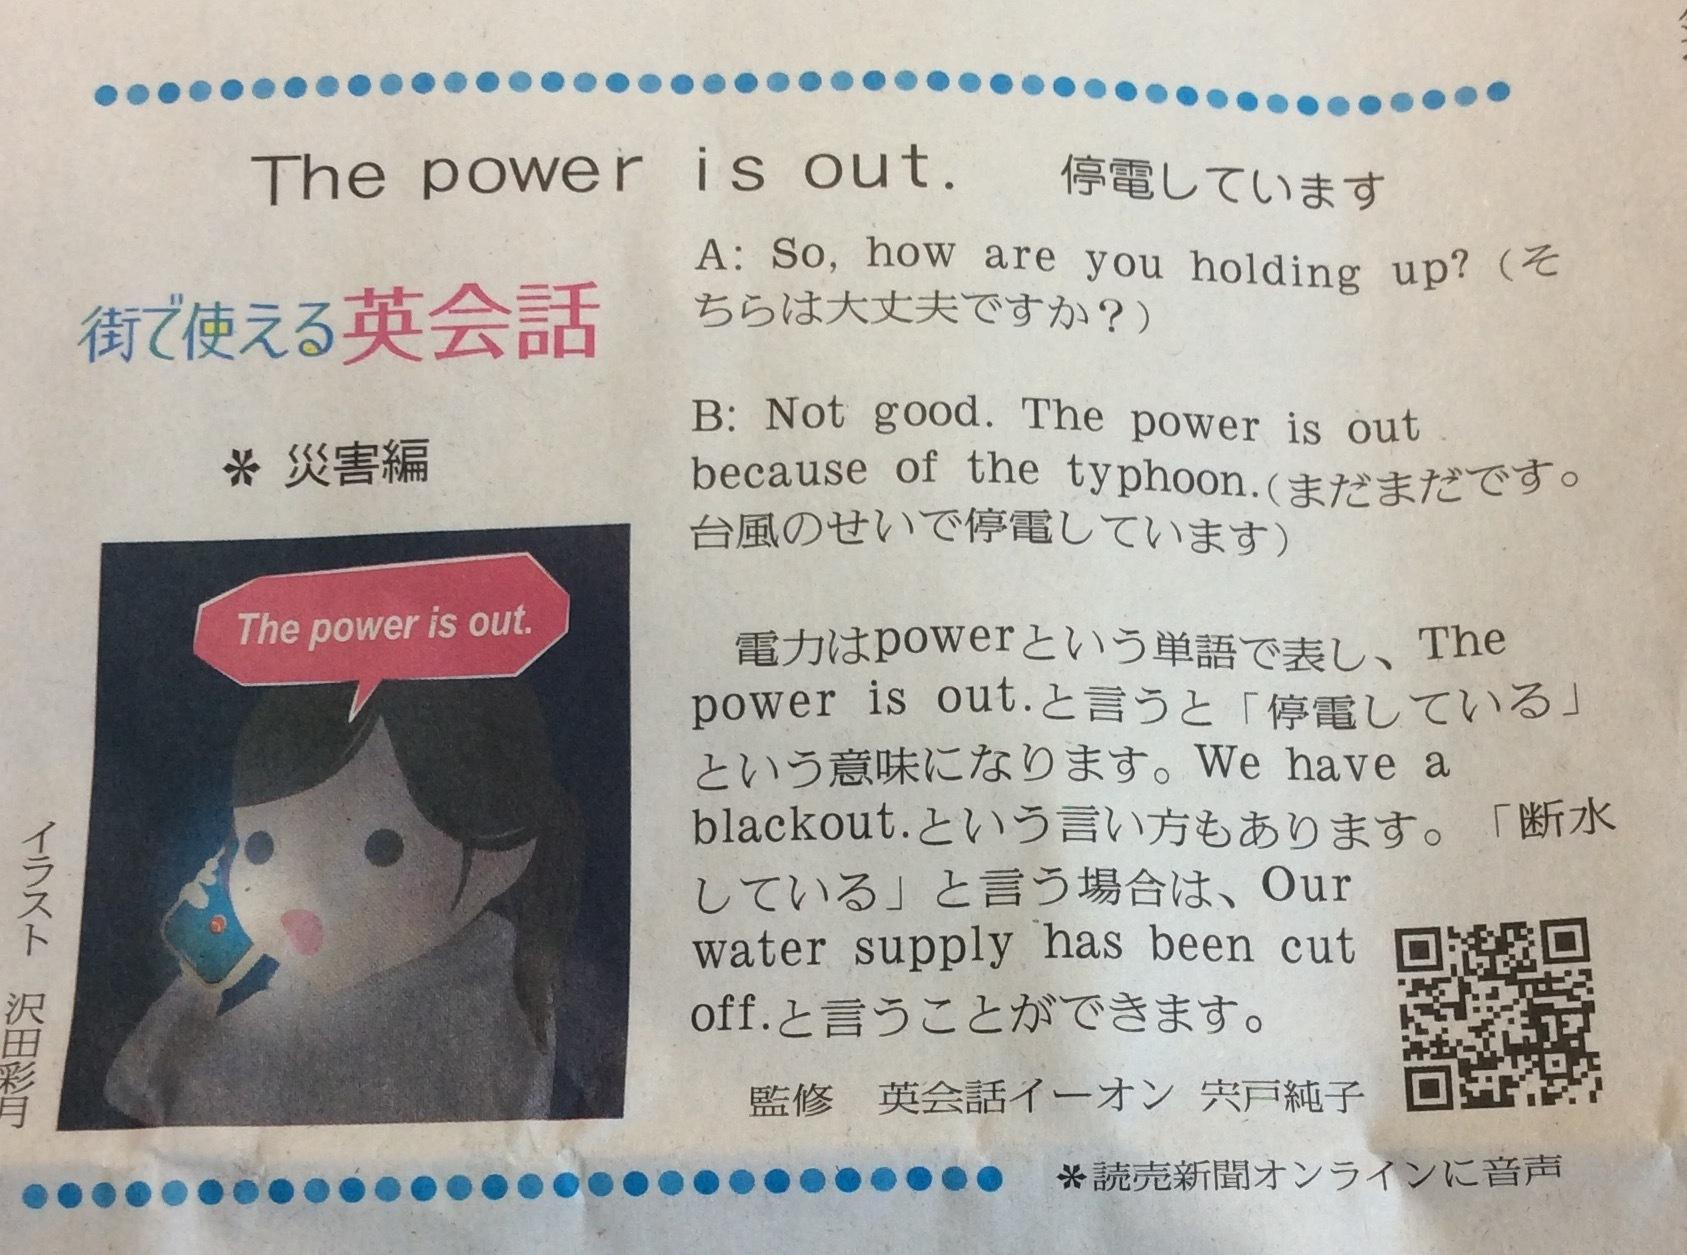 街で使える英会話 0319 the power is out._e0147742_08492516.jpg